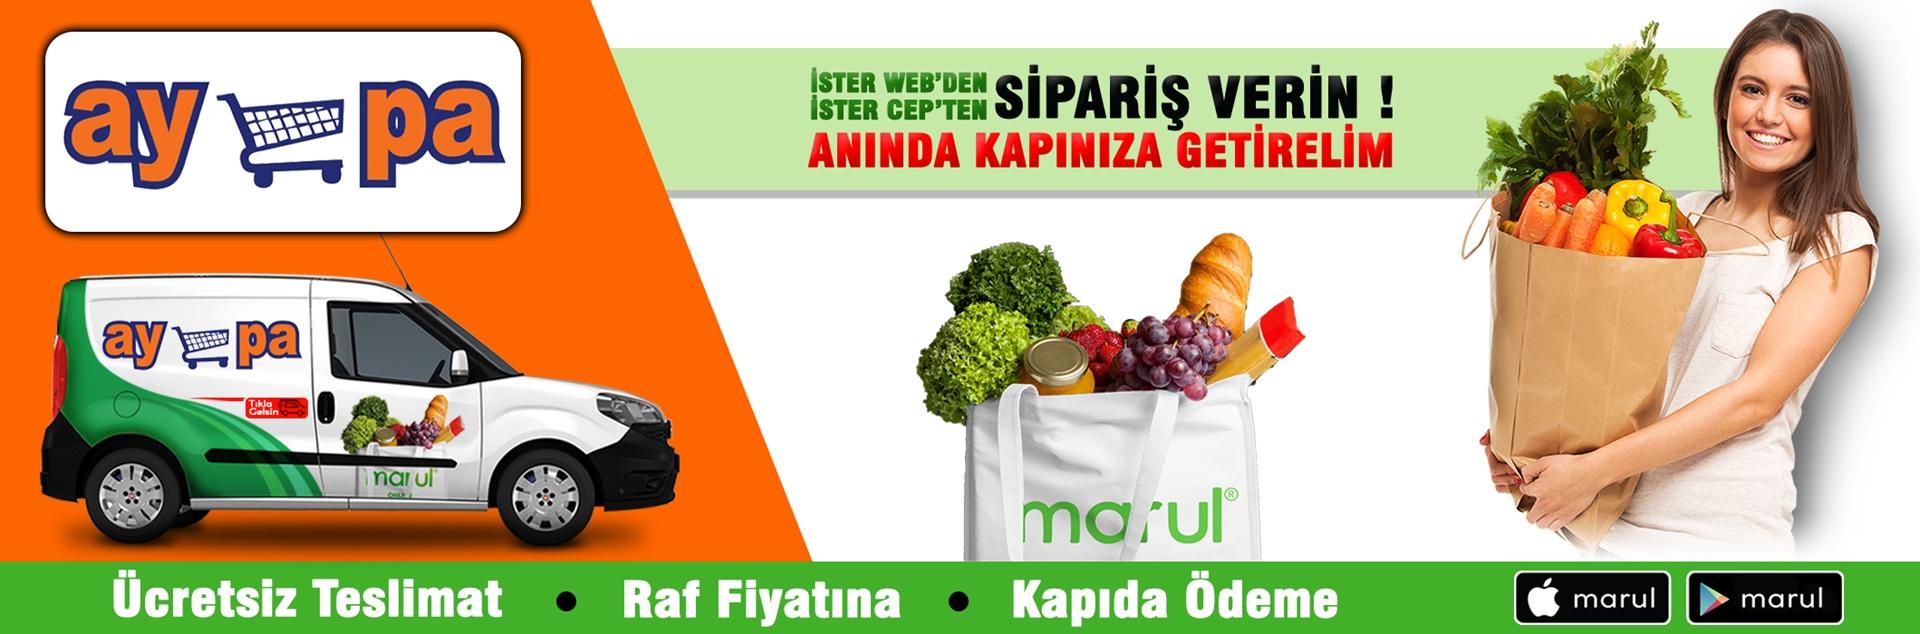 aypa market online market alışverişi